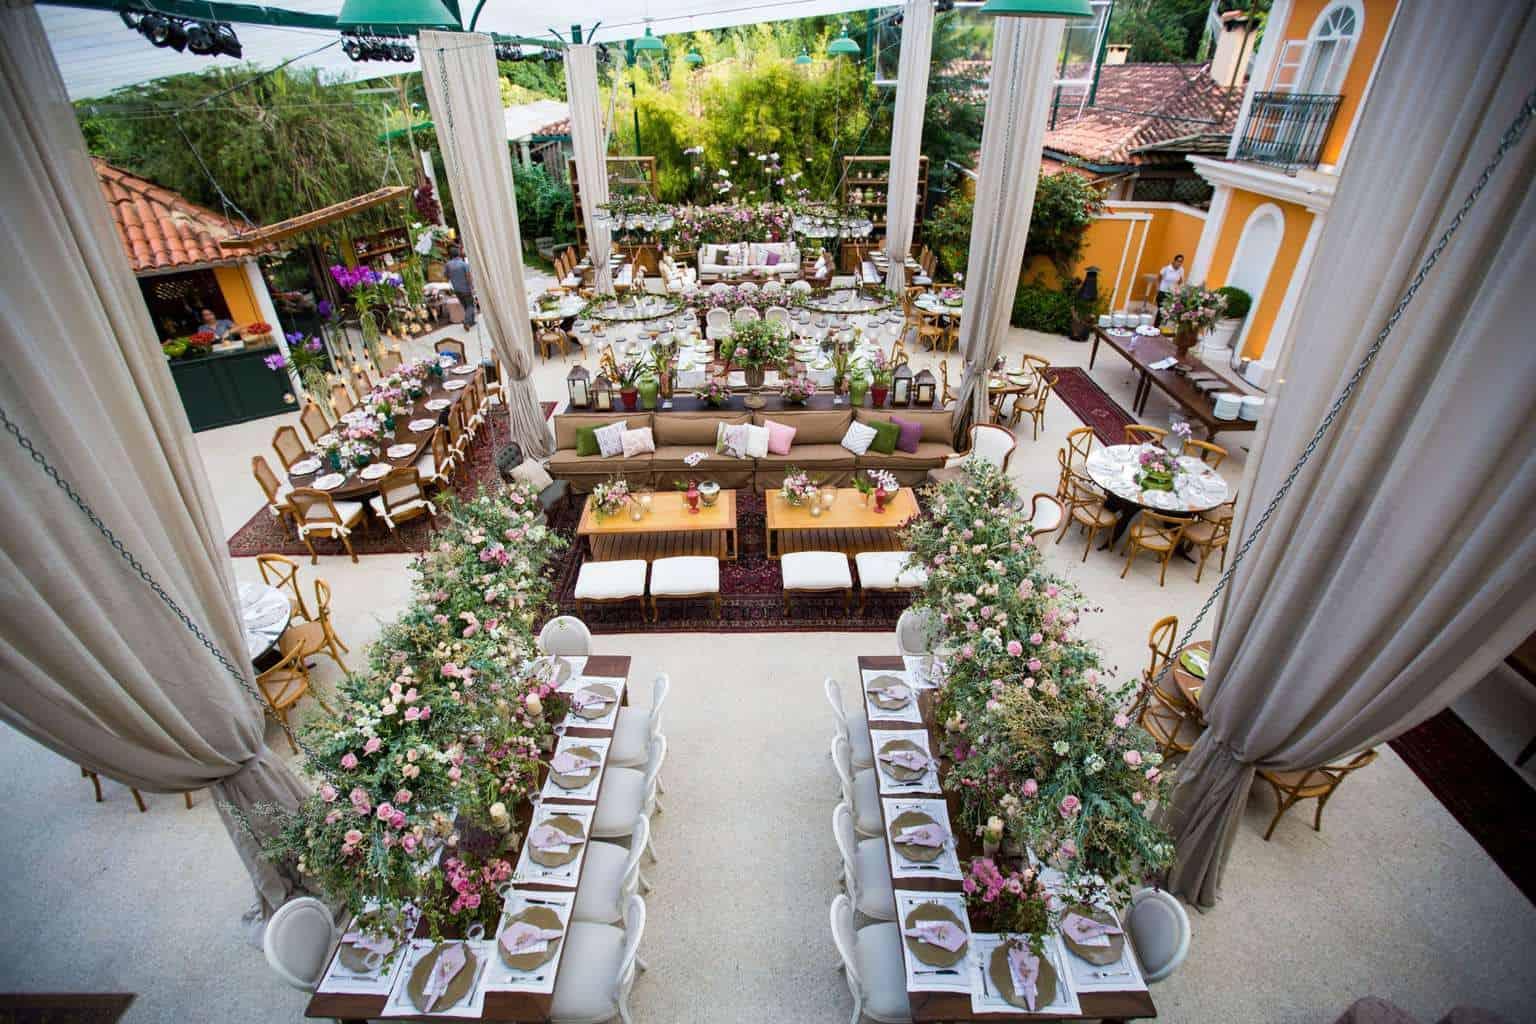 Andrea-Kapps-casamento-de-dia-casamento-na-serra-casamento-romântico-casamento-tradicional-decor-festa-decoração-Locanda-de-La-Mimosa-noiva-rosa-e-lilás-casamento-3